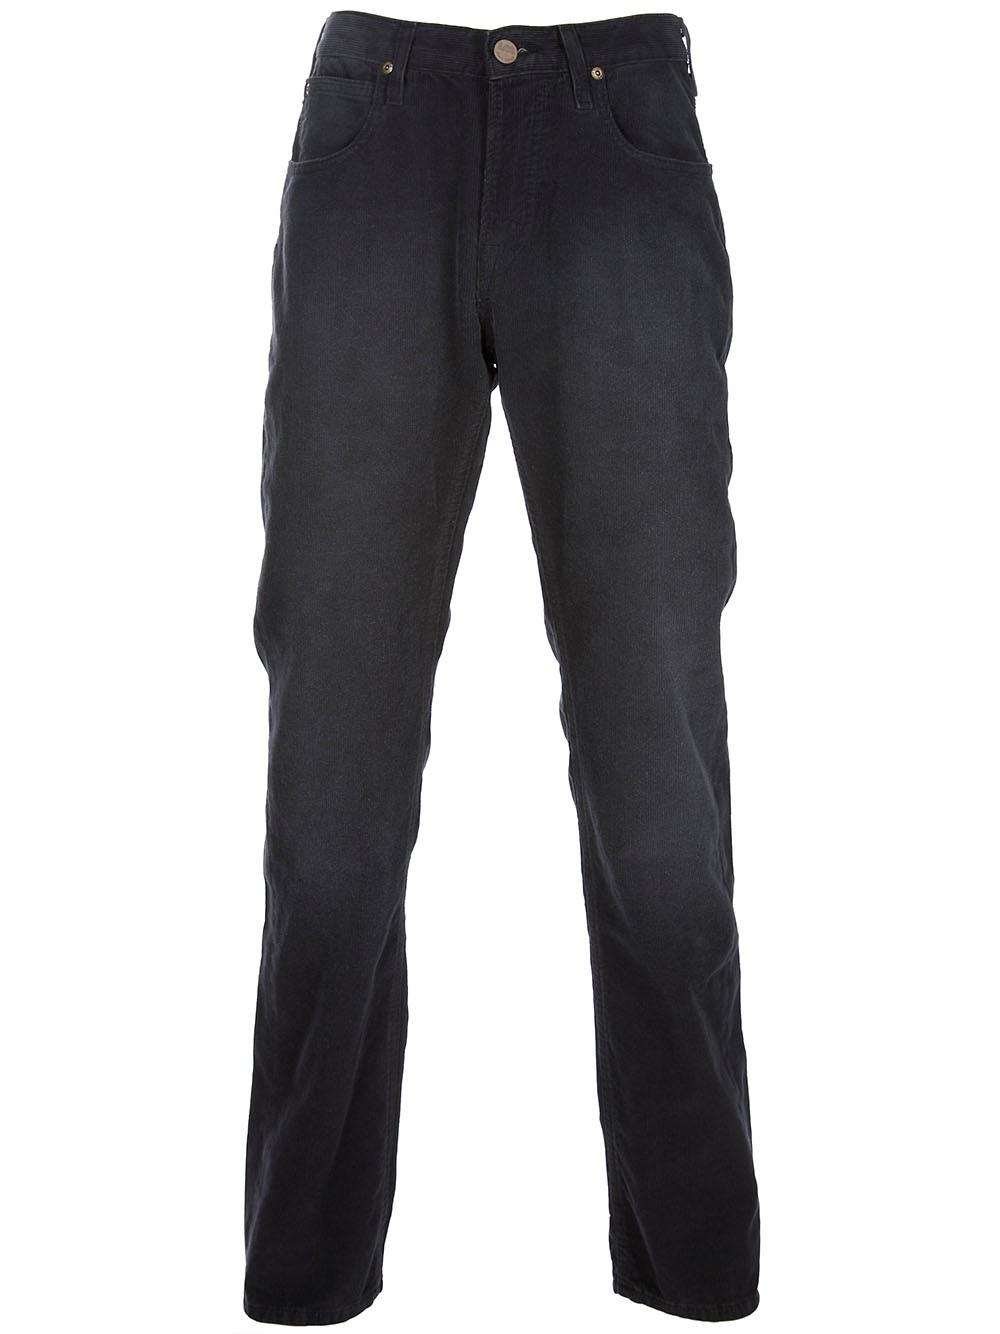 lee black jeans for men - photo #1